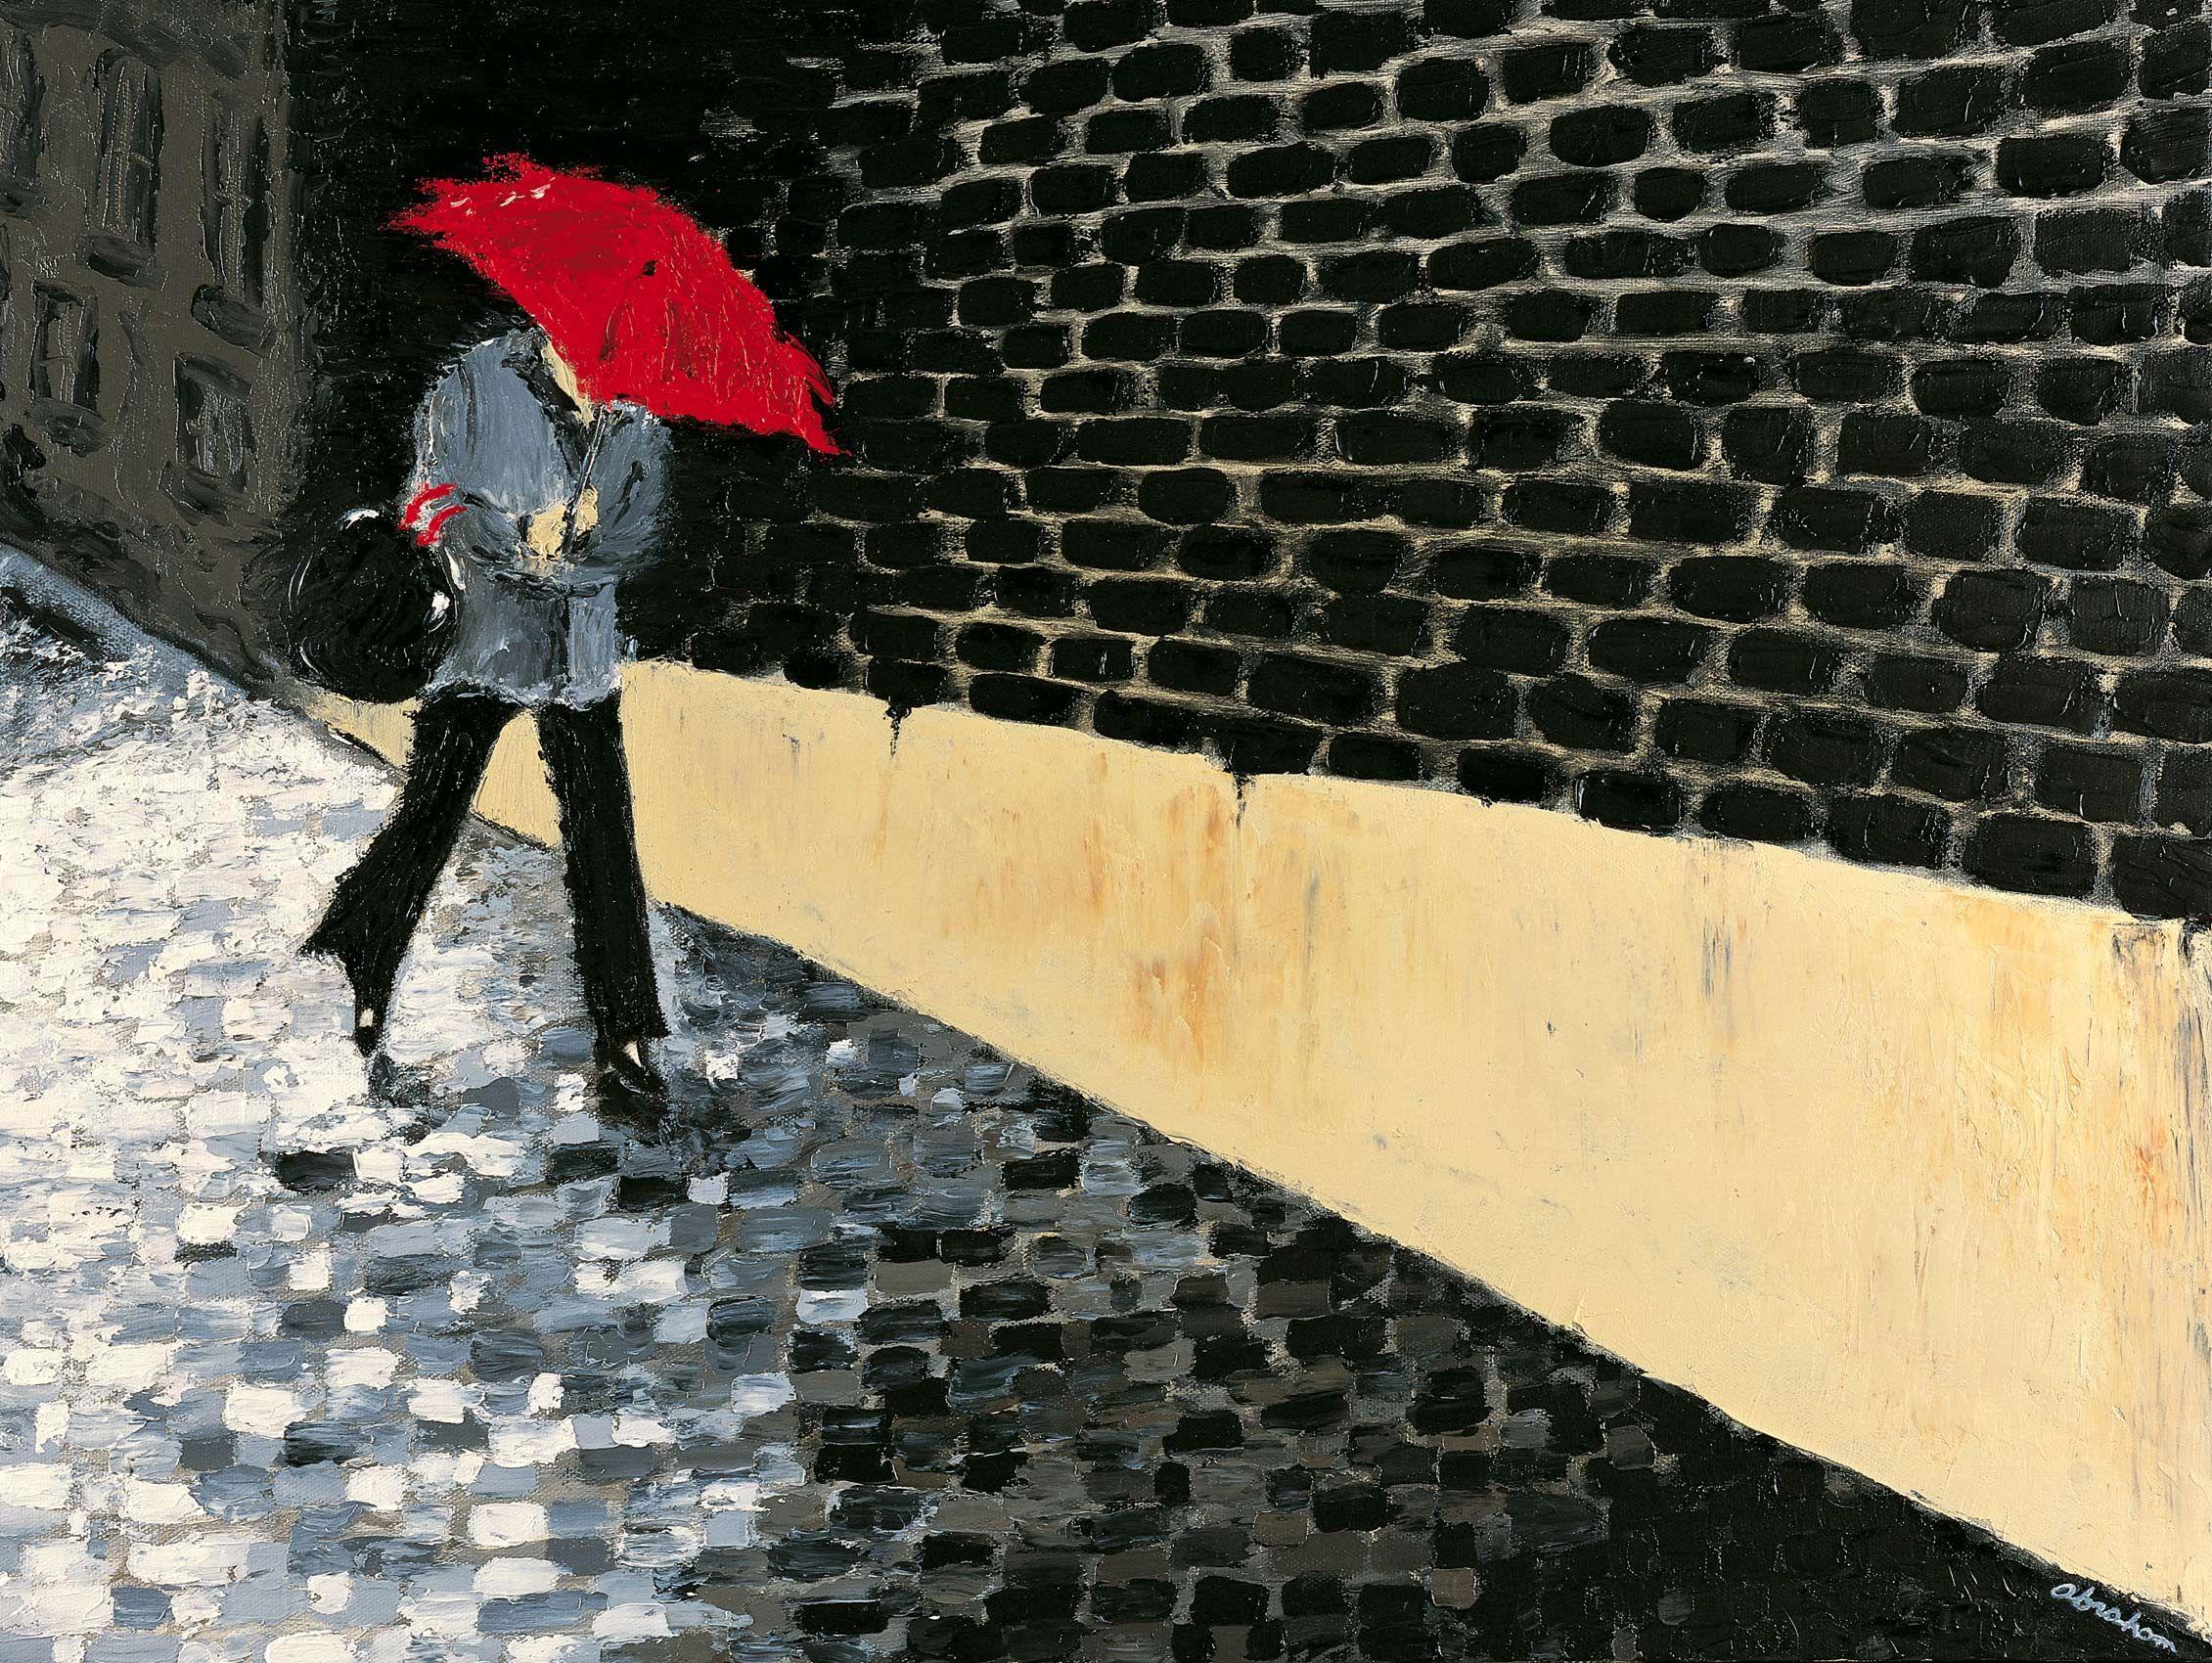 La Femme with Red Umbrella